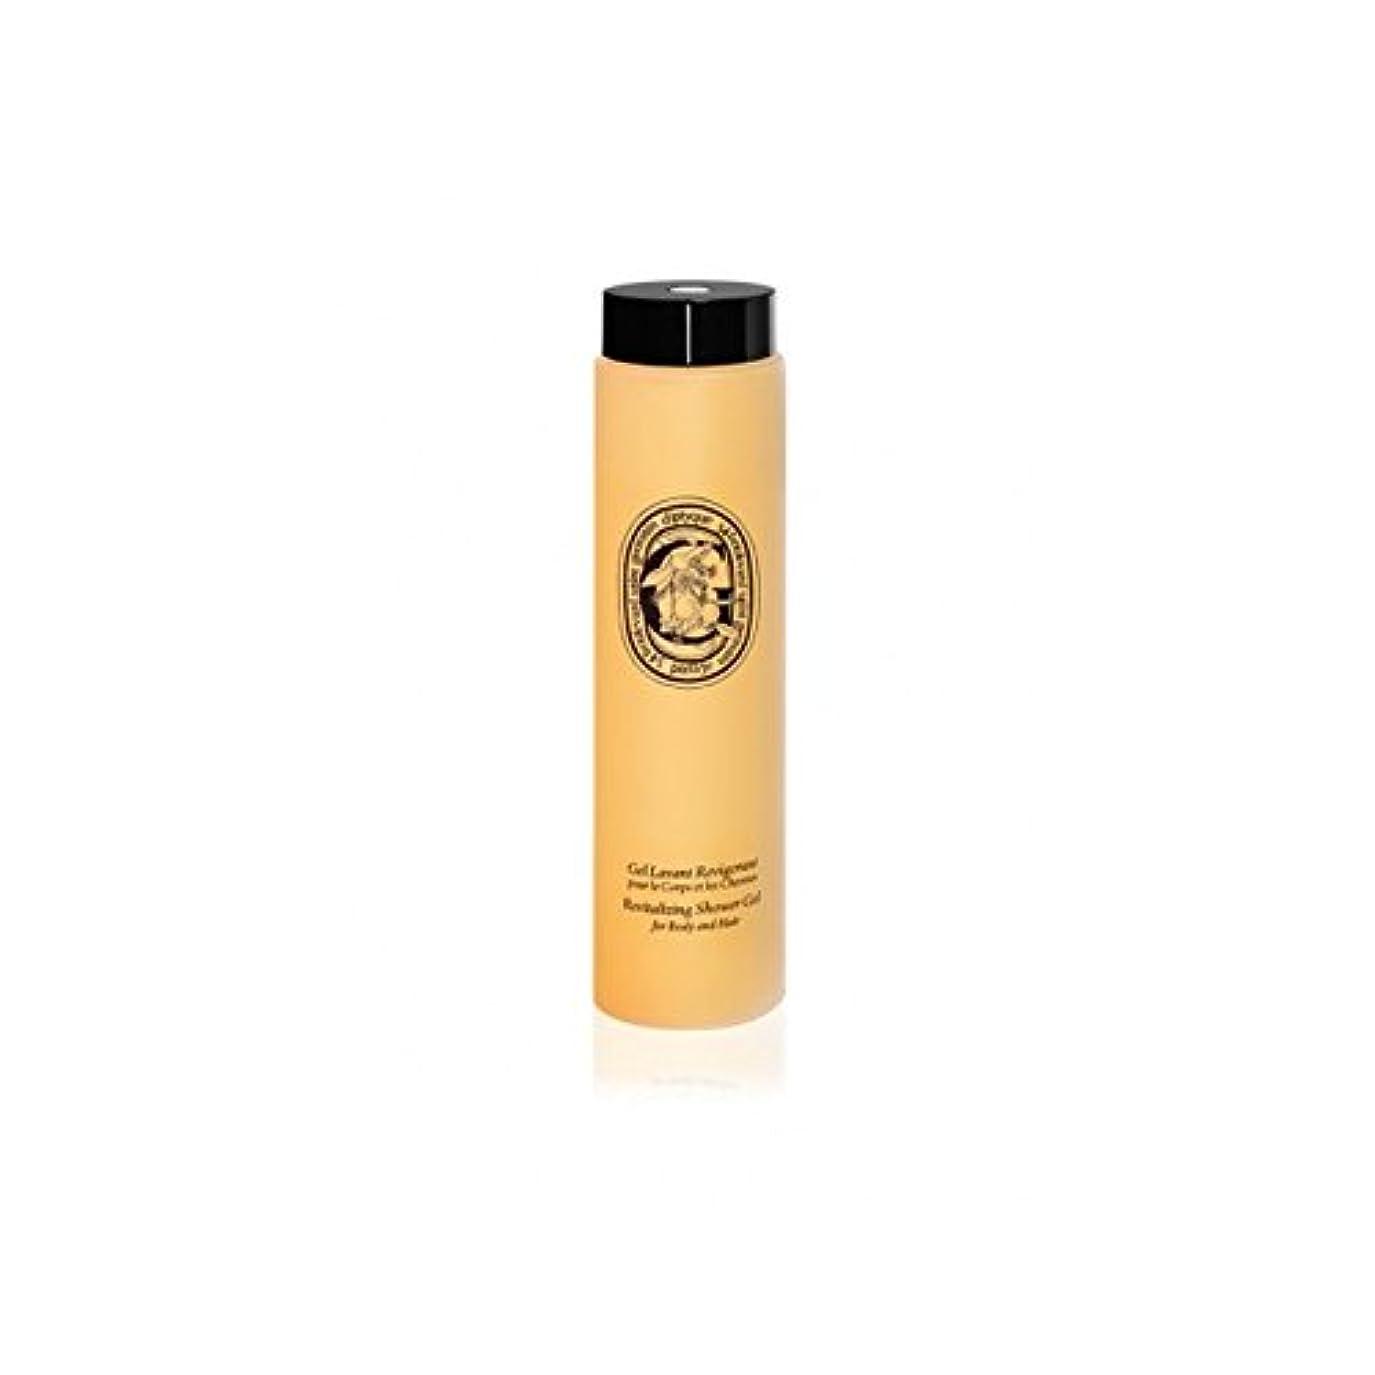 道路バングスリップDiptyque Revitalizing Shower Gel For Body And Hair 200ml (Pack of 2) - ボディ、ヘア200ミリリットルのためDiptyqueのリバイタライジングシャワージェル...